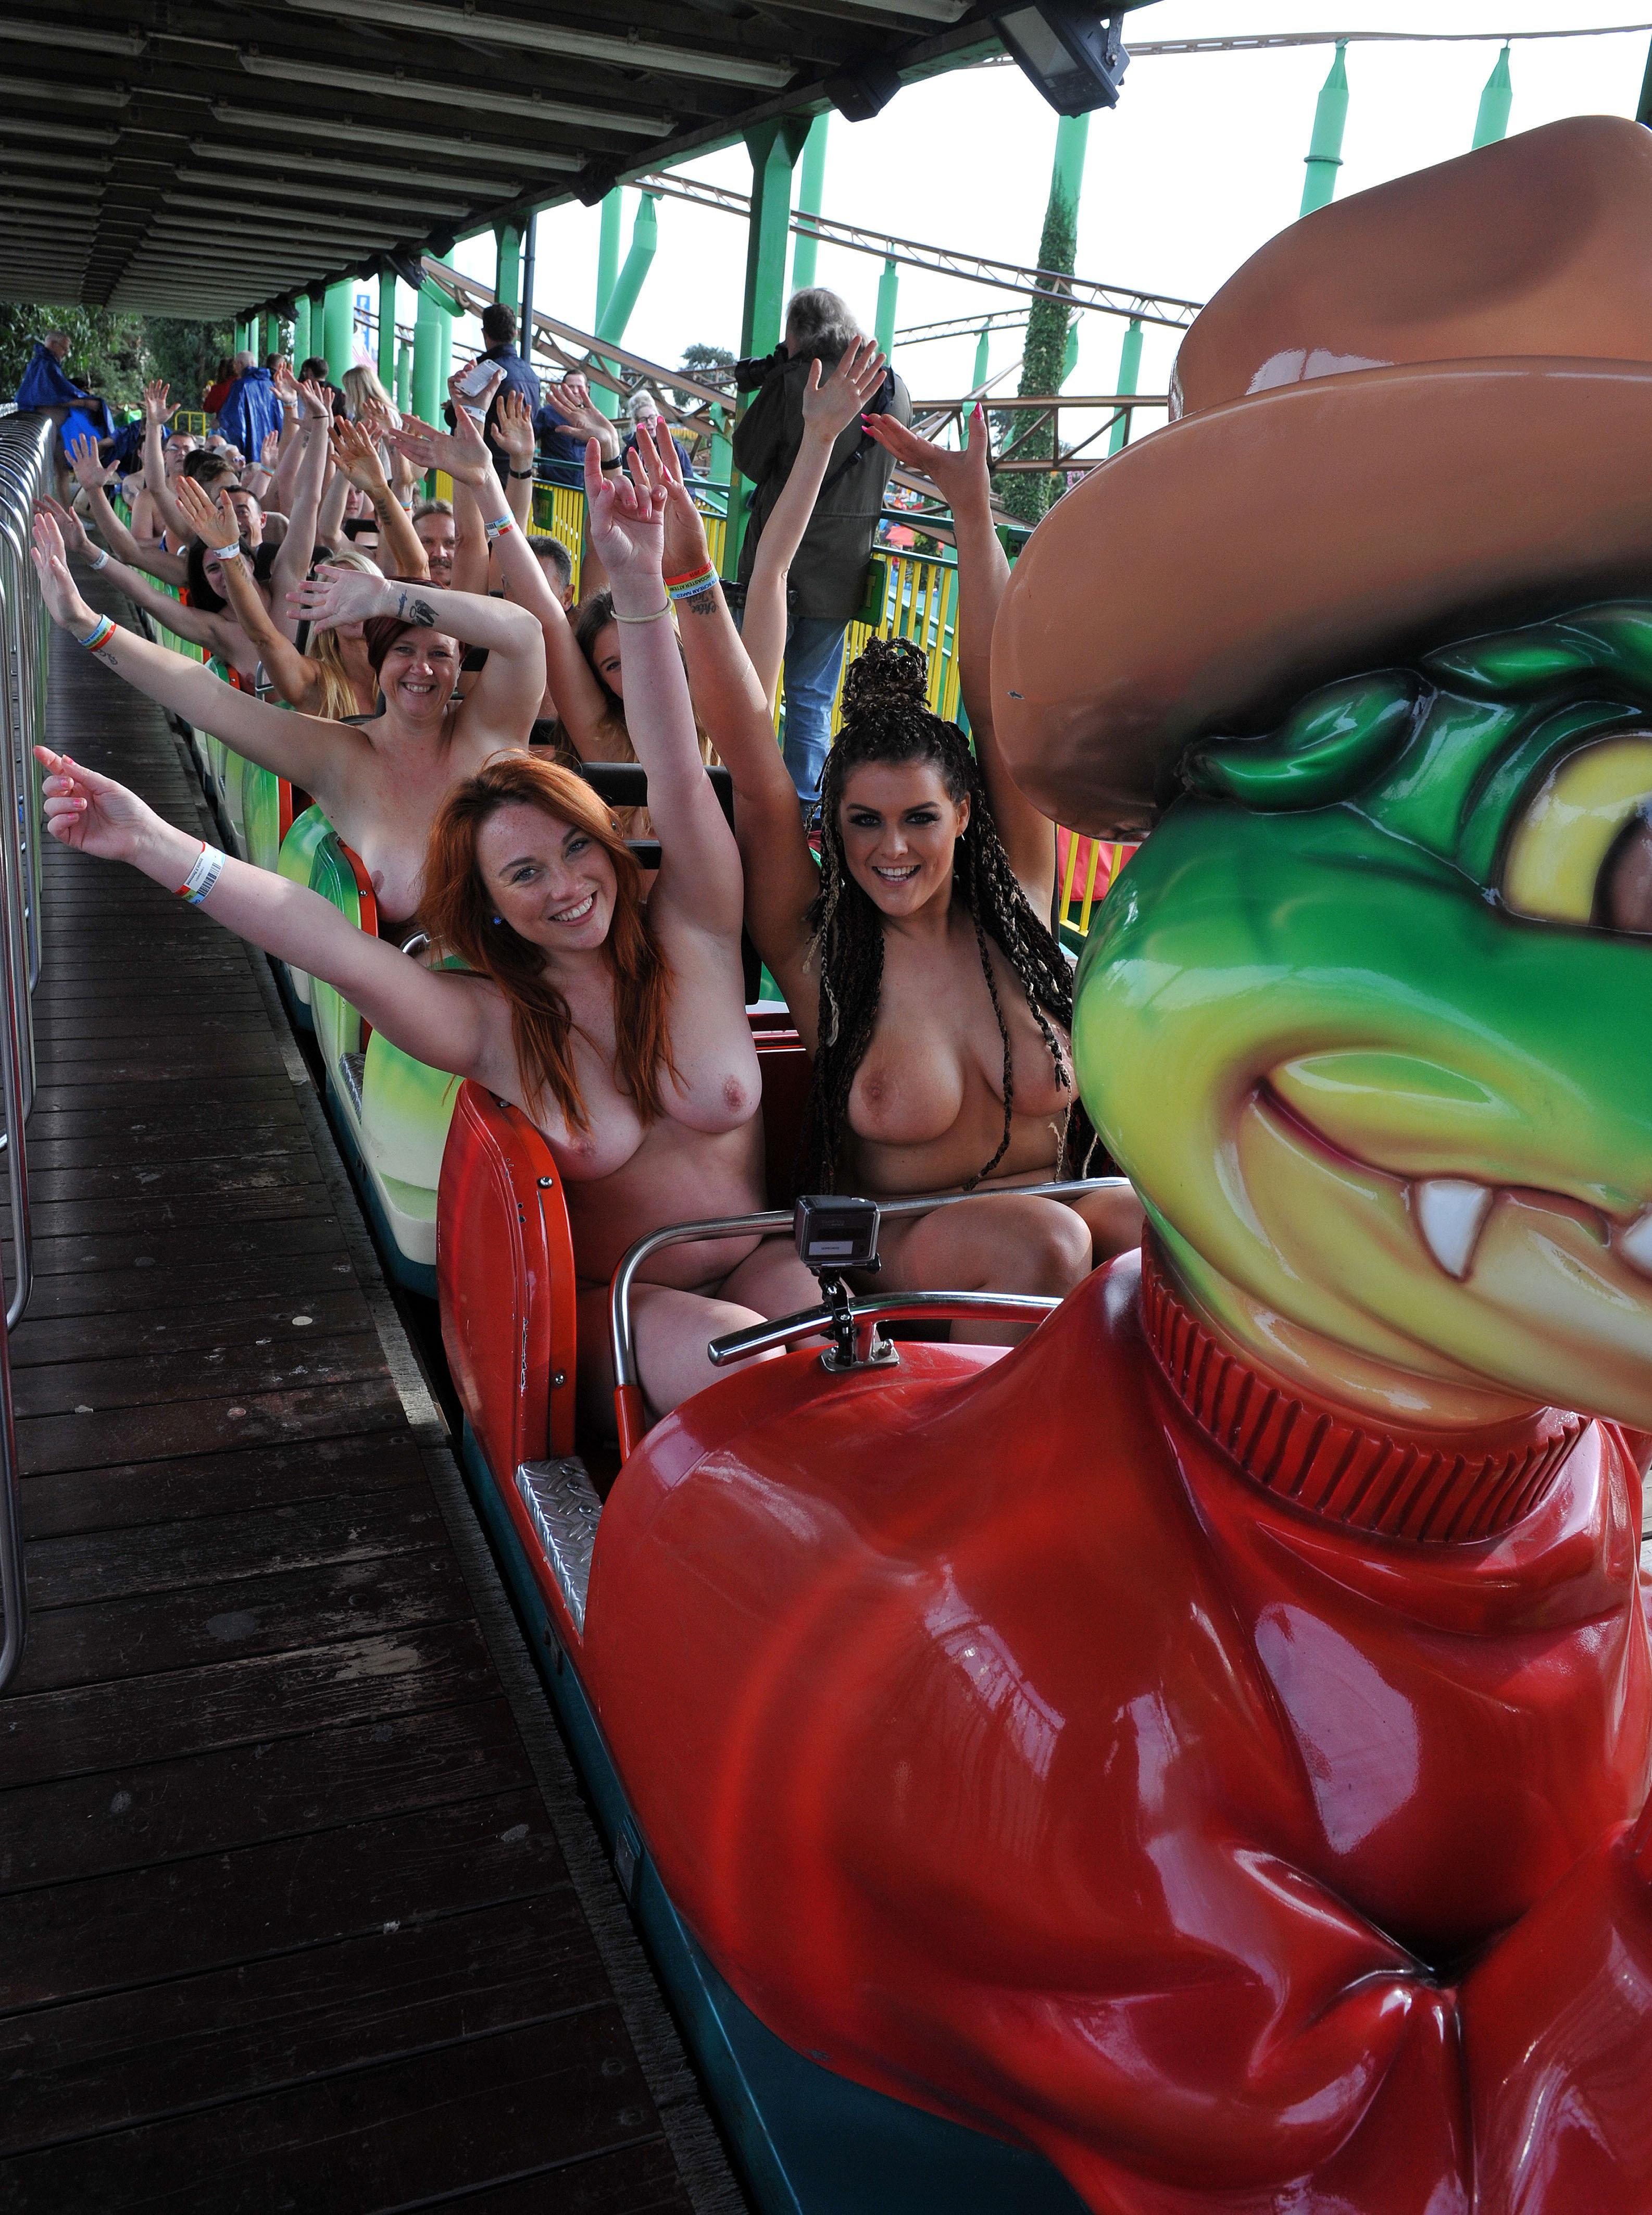 Roller coaster nude